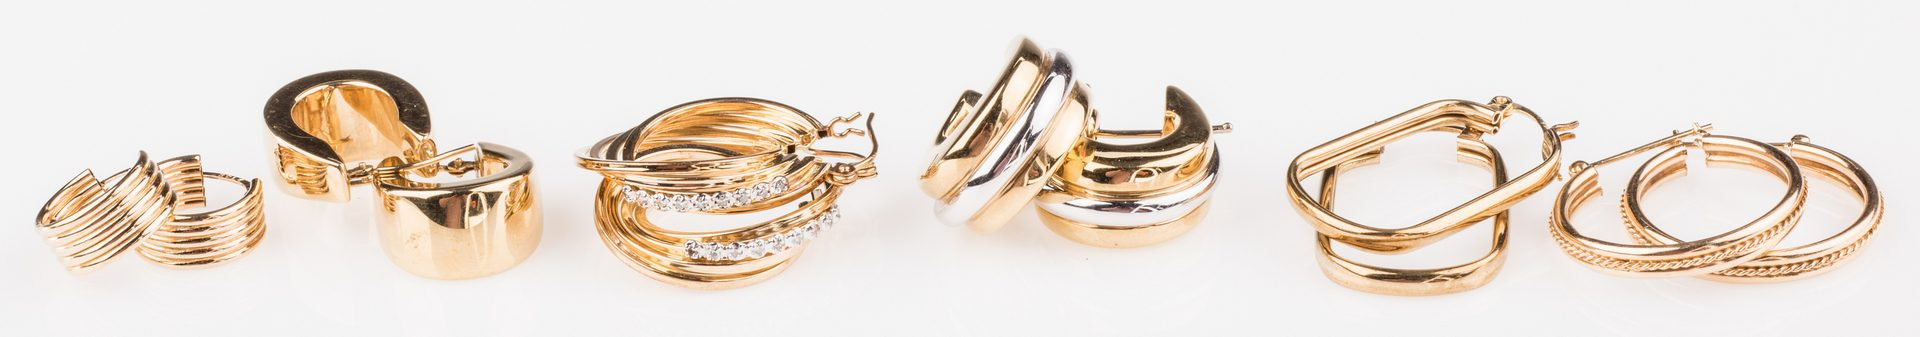 Lot 670: 6 Pair 14K Hoop Earrings, 1 w/ Diamonds